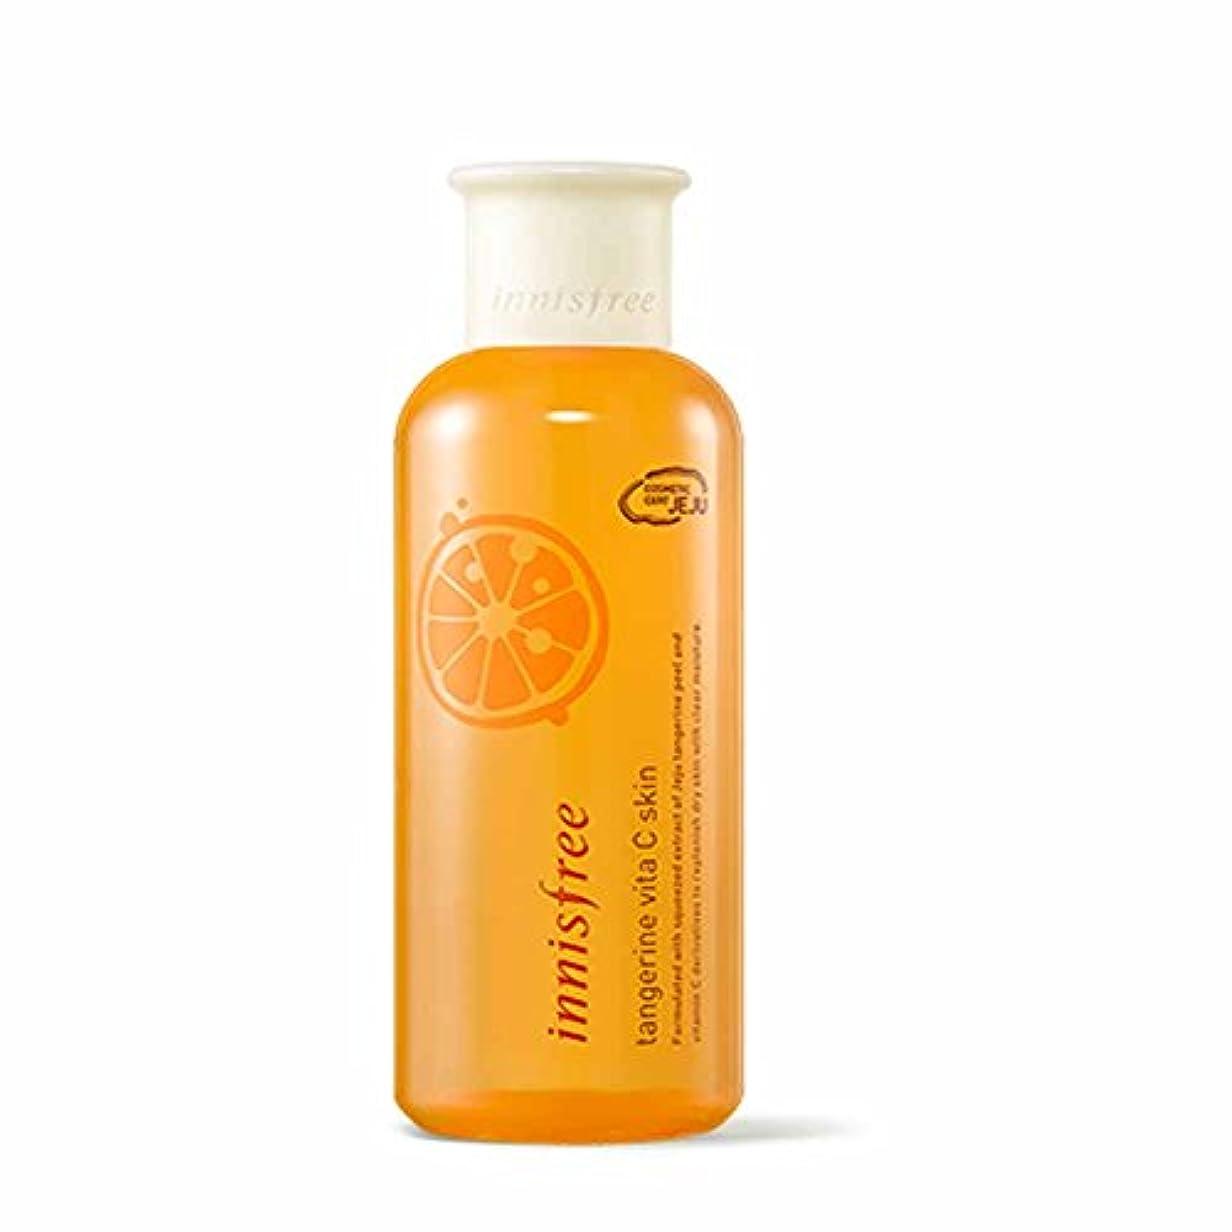 アクセスモニカ適応的イニスフリータンジェリンビタCスキン(トナー)200ml Innisfree Tangerine Vita C Skin(Toner) 200ml [海外直送品][並行輸入品]